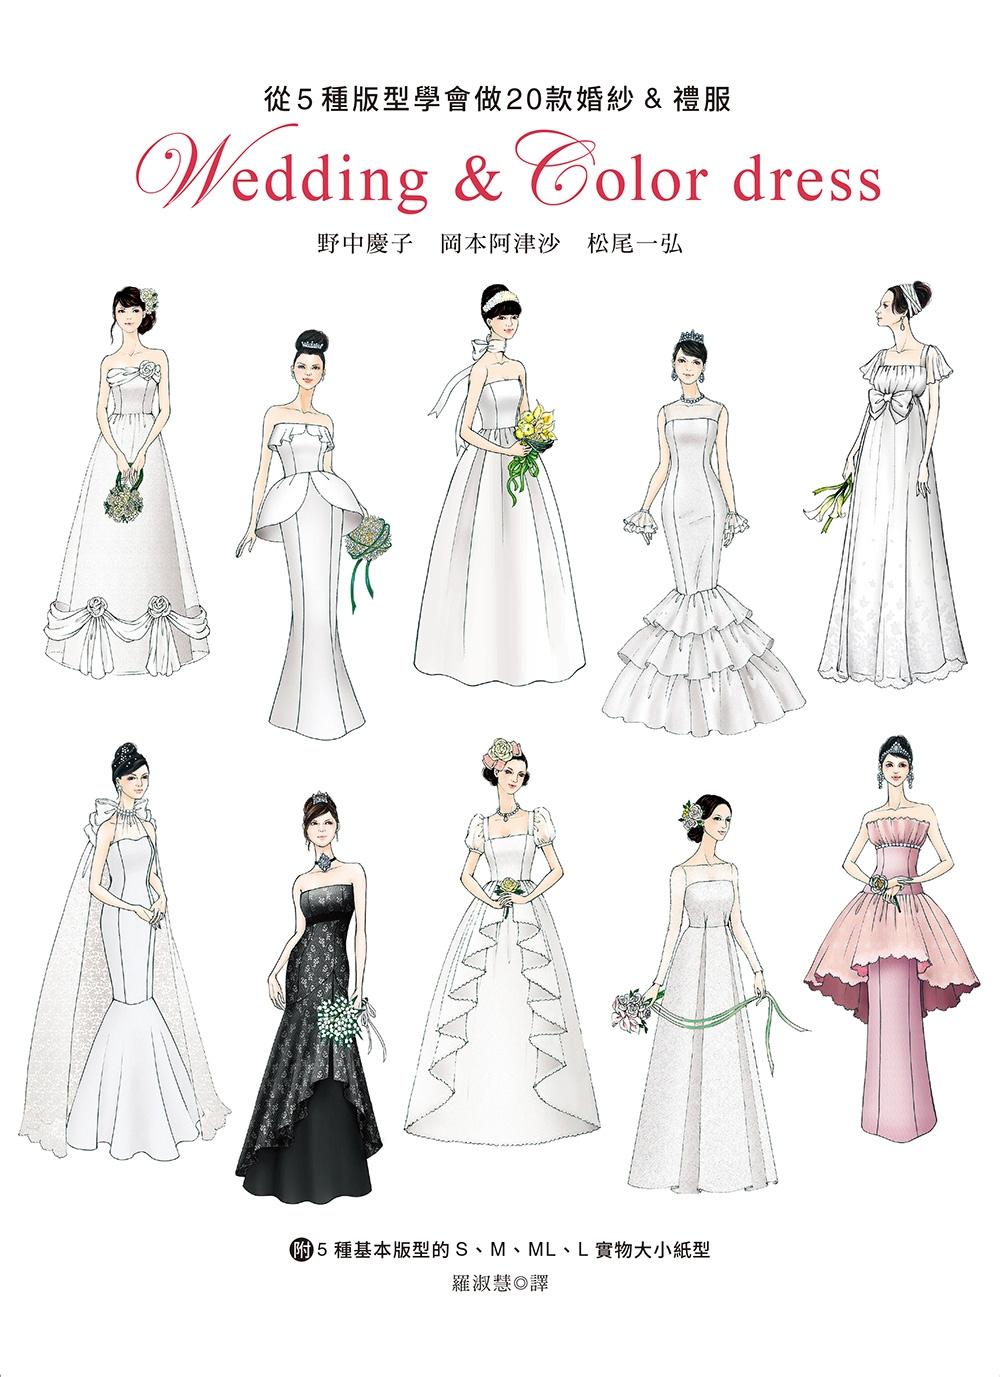 ◤博客來BOOKS◢ 暢銷書榜《推薦》從5種版型學會做20款婚紗&禮服:附5種基本版型的S.M.ML.L 實物大小紙型